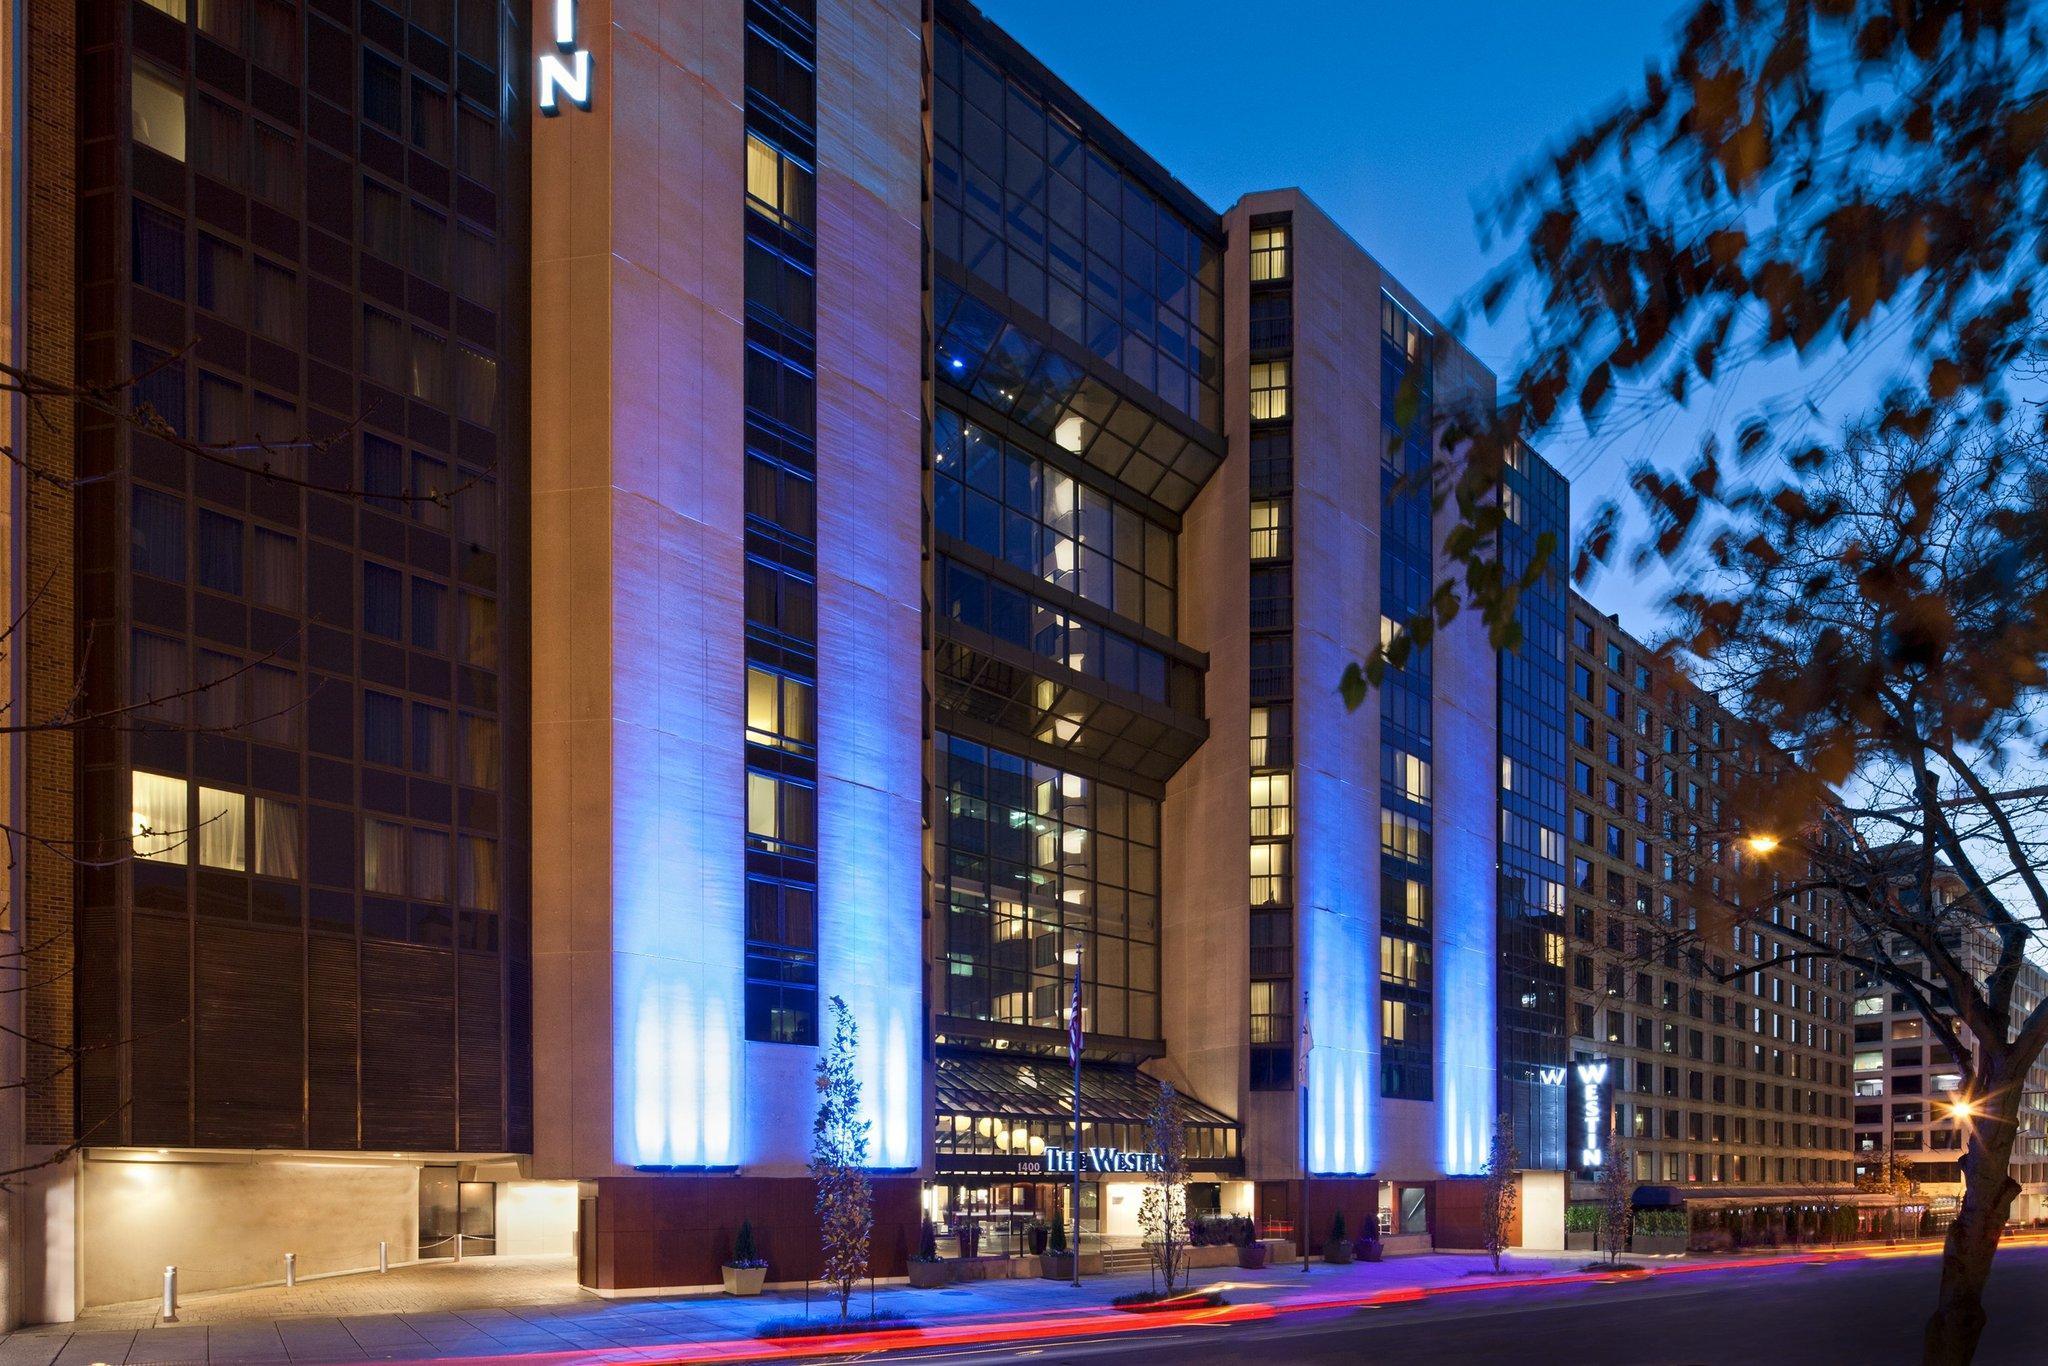 The Westin Washington, DC City Center image